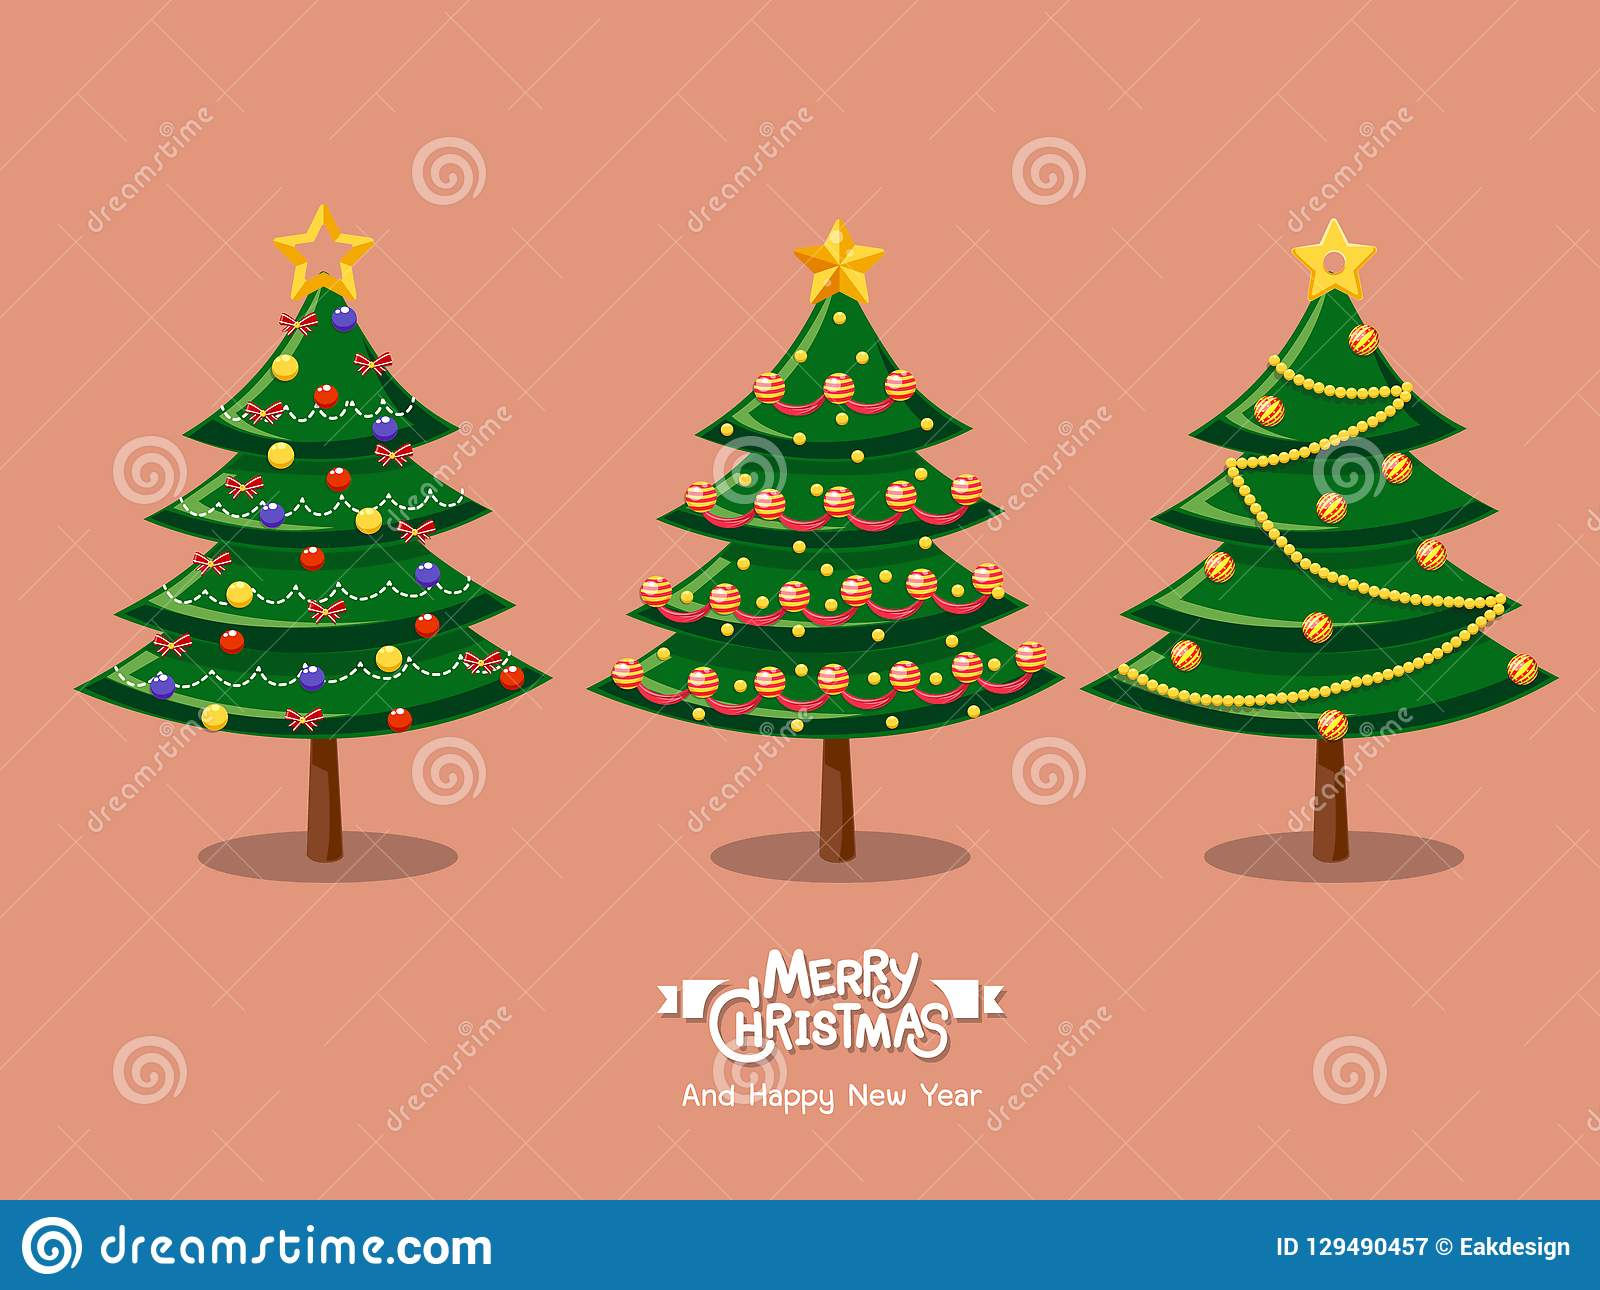 Colecao De Arvores De Natal Dos Desenhos Animados Feliz Natal E